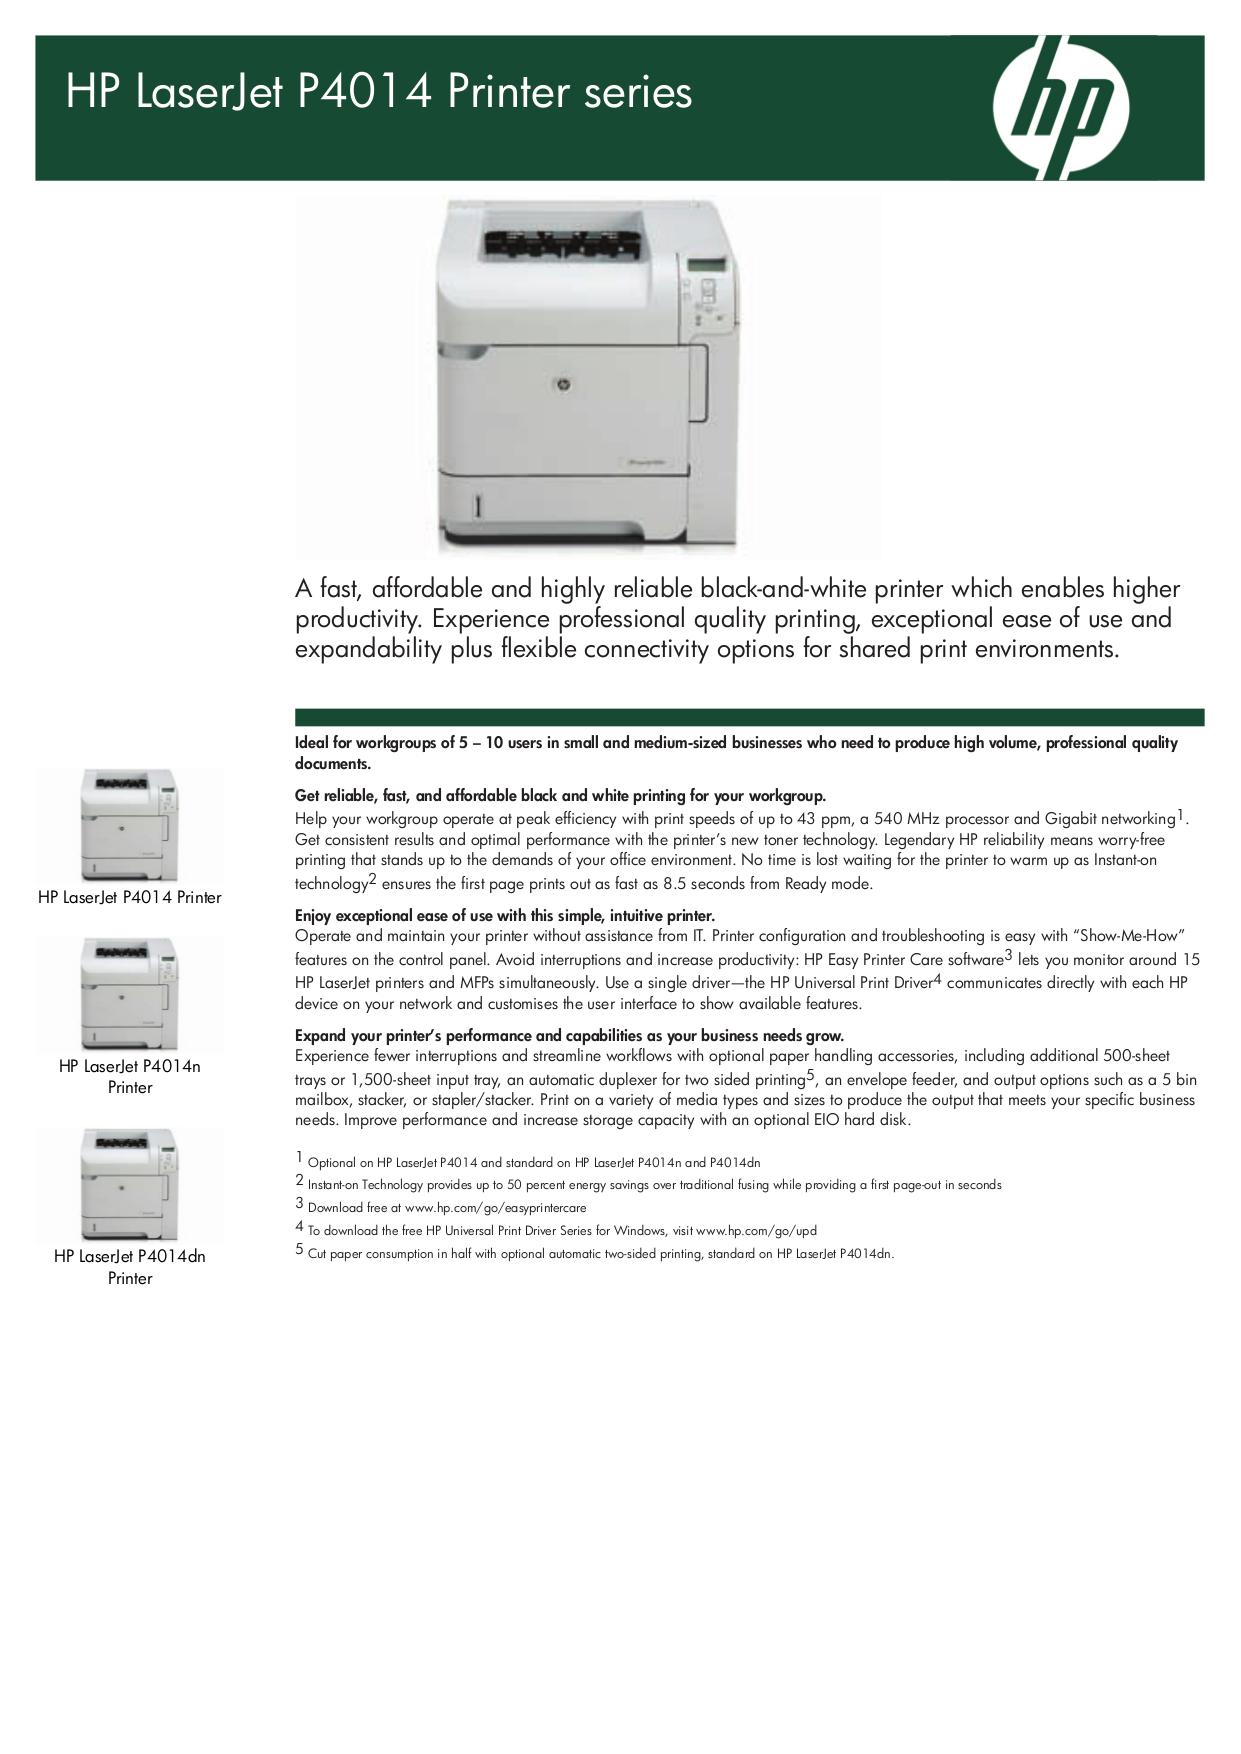 pdf for HP Printer Laserjet,Color Laserjet P4014 manual